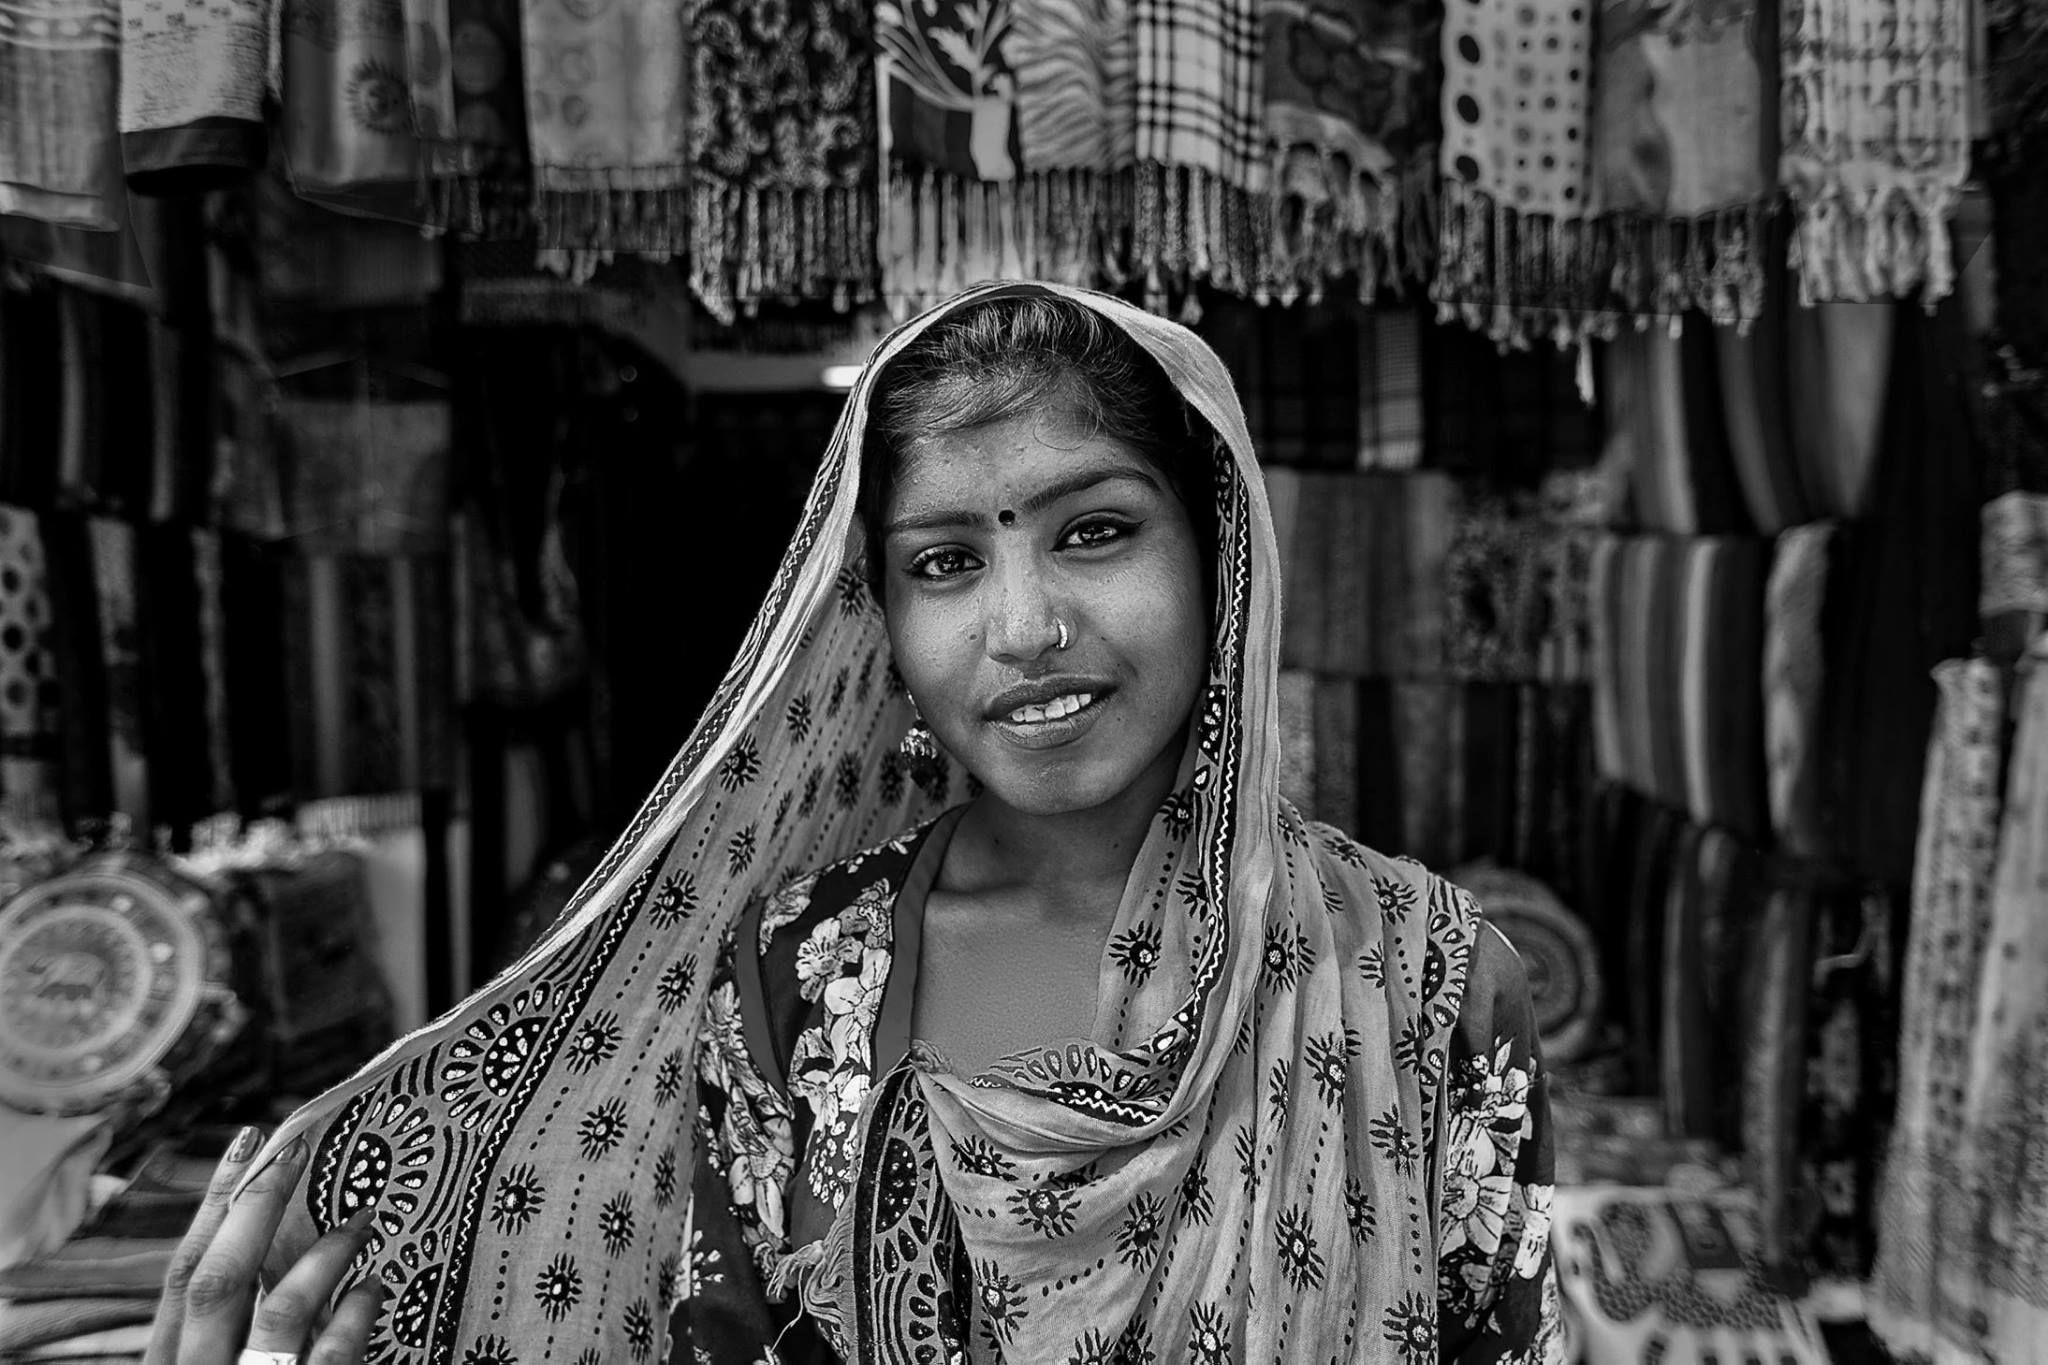 ph. © Mahesh Krishnamurthy